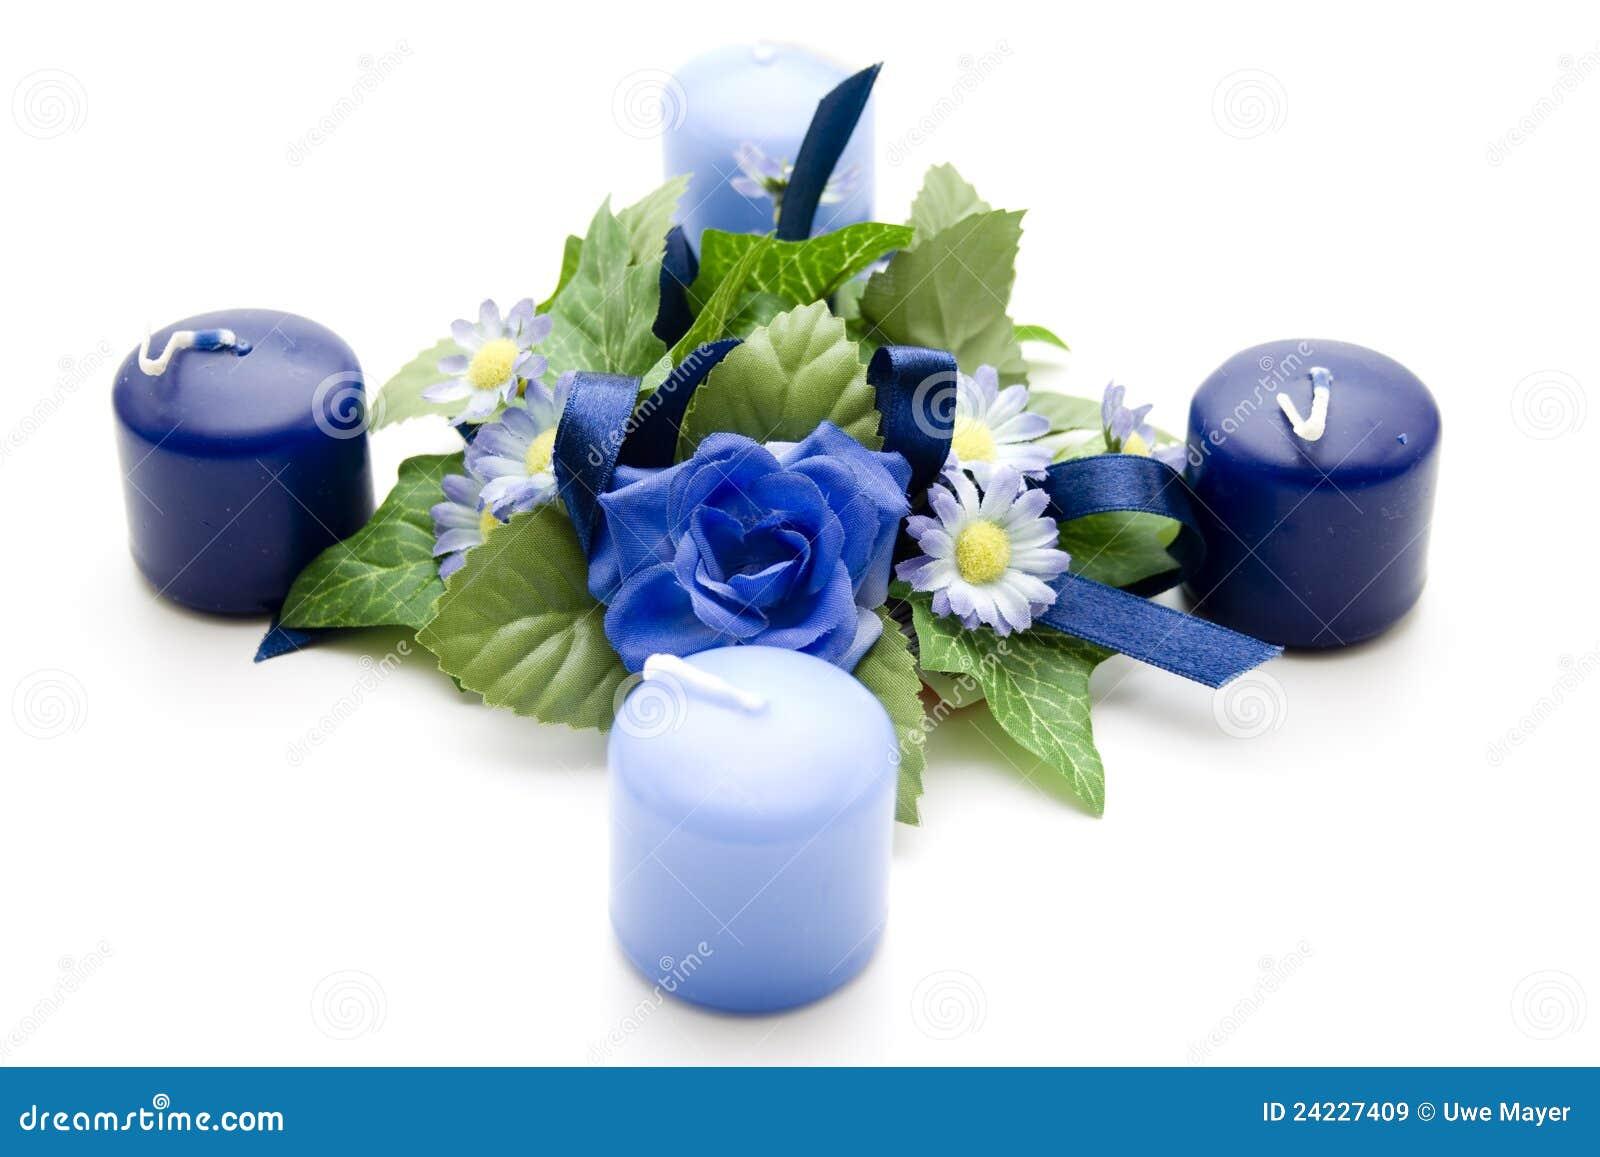 Bloemen decoratie met blauwe kaarsen royalty vrije stock afbeeldingen afbeelding 24227409 - Blauwe turquoise decoratie ...